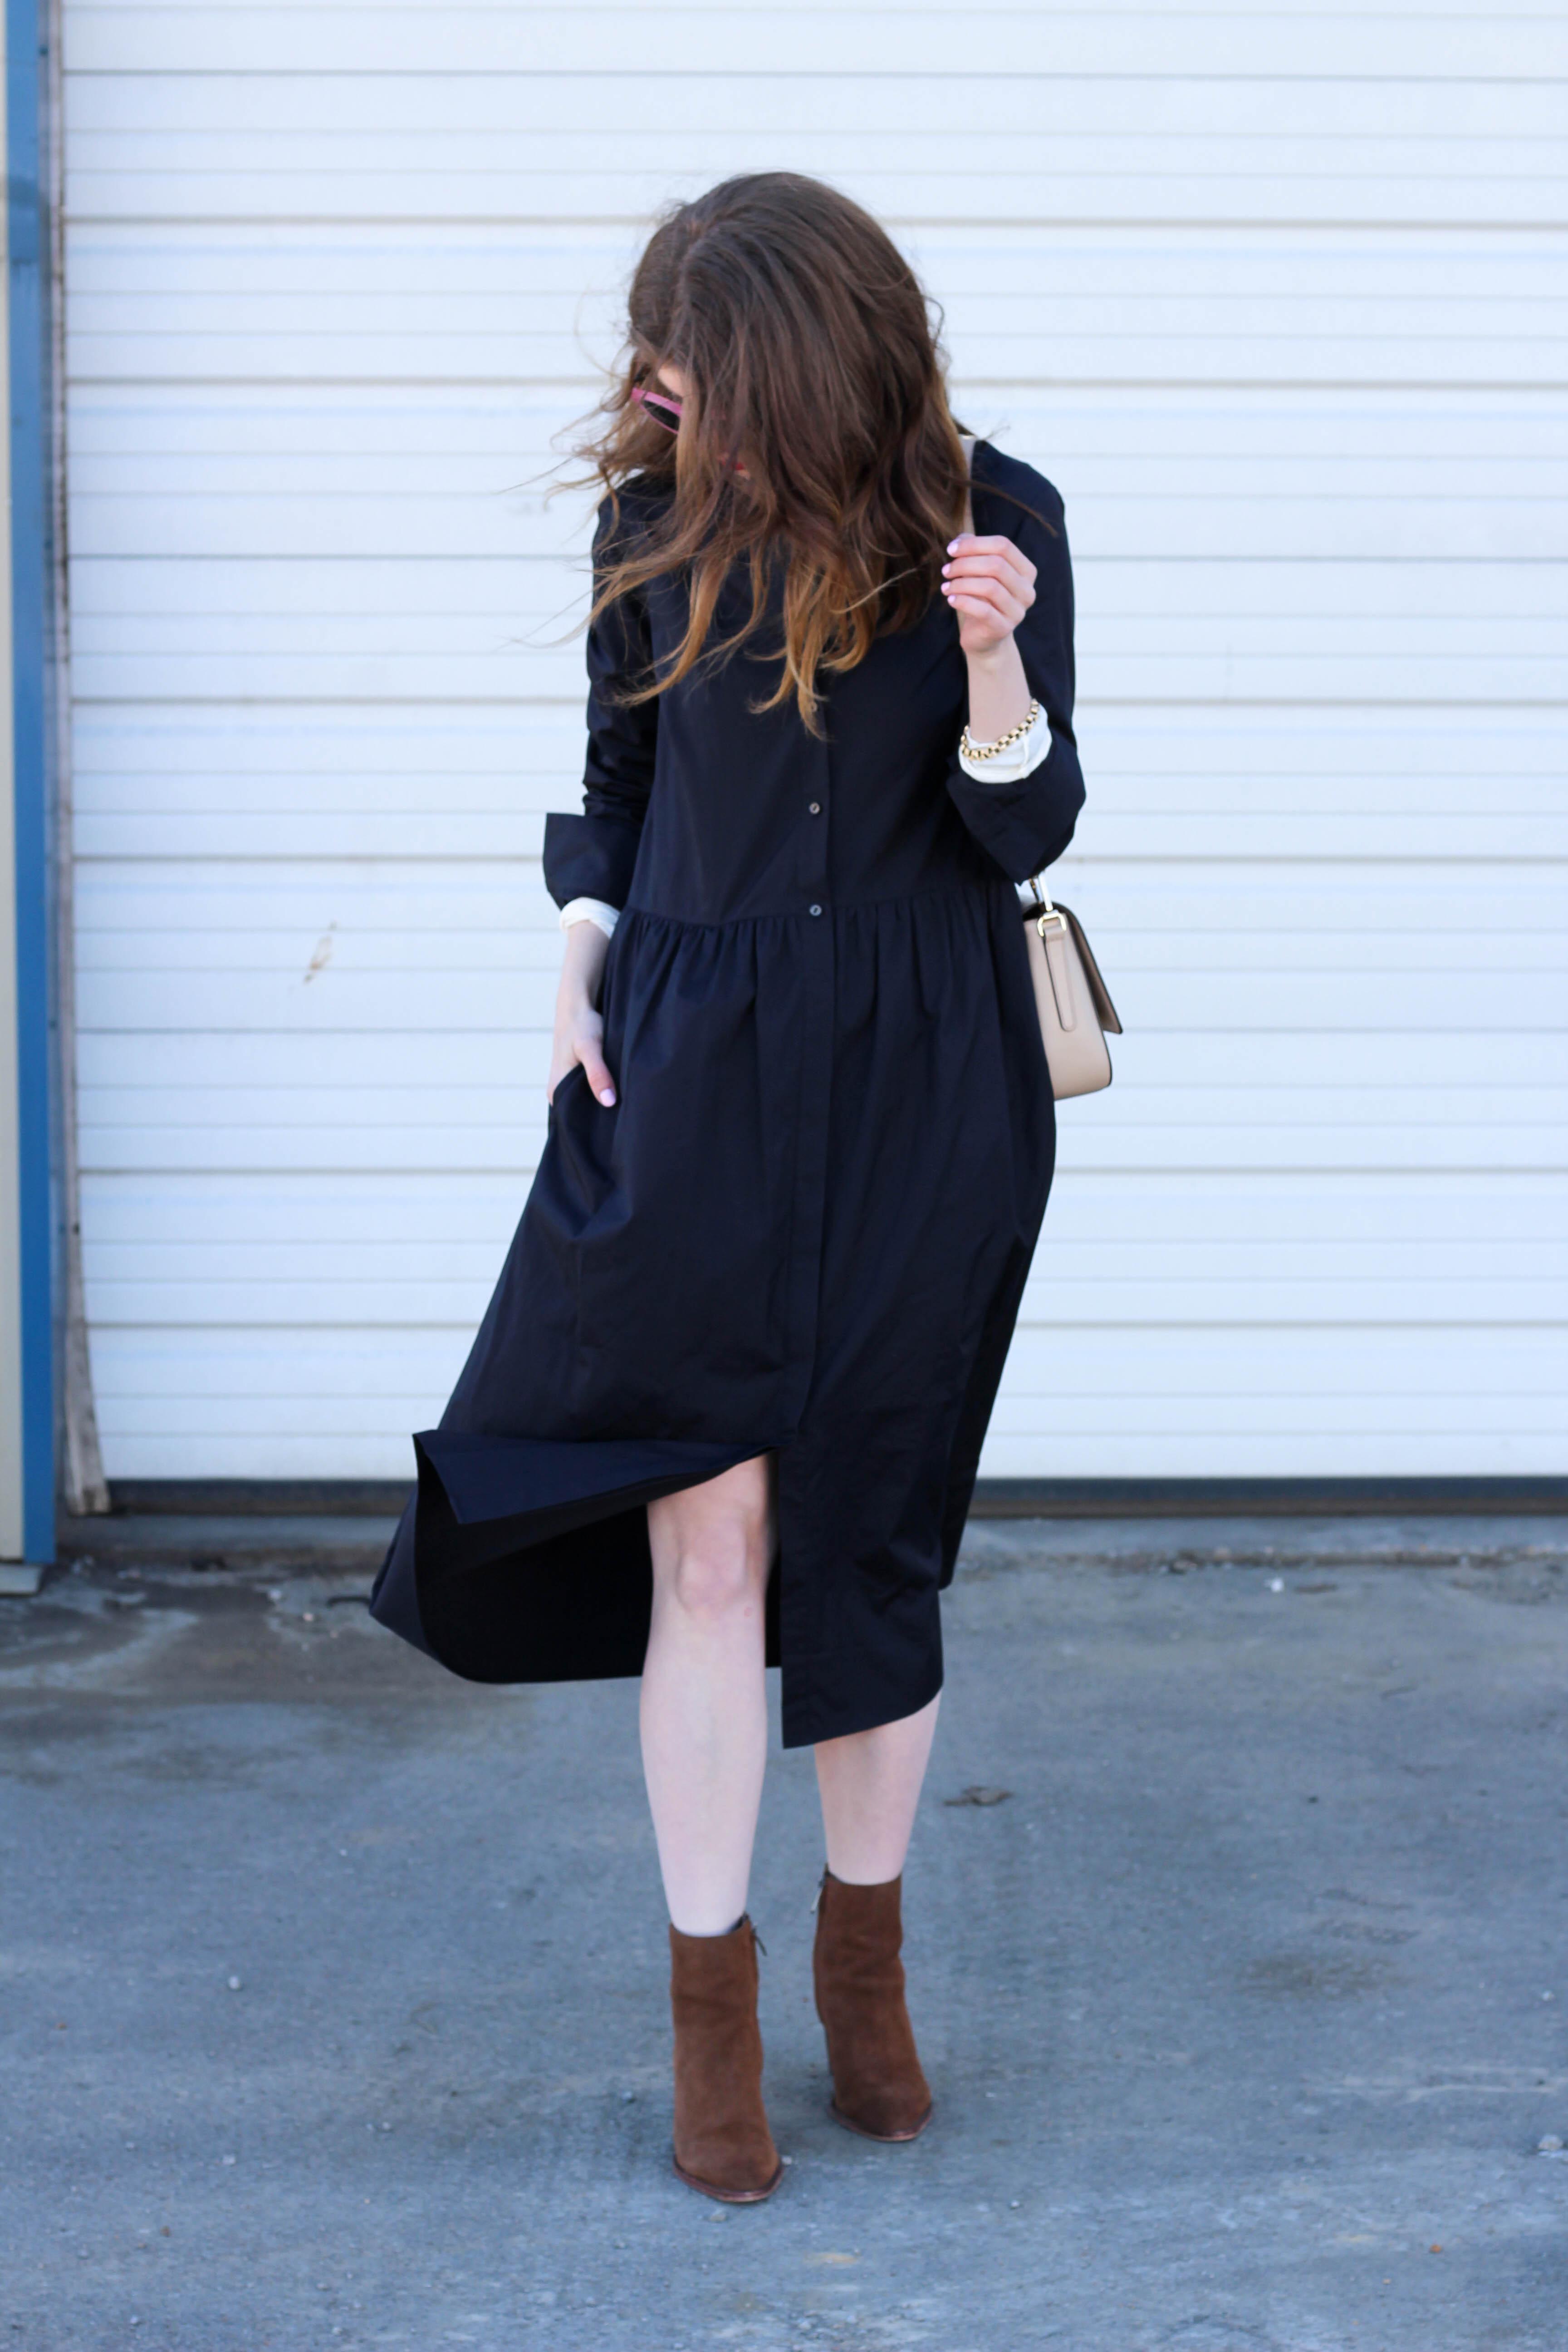 outfit: Layered shirtdress